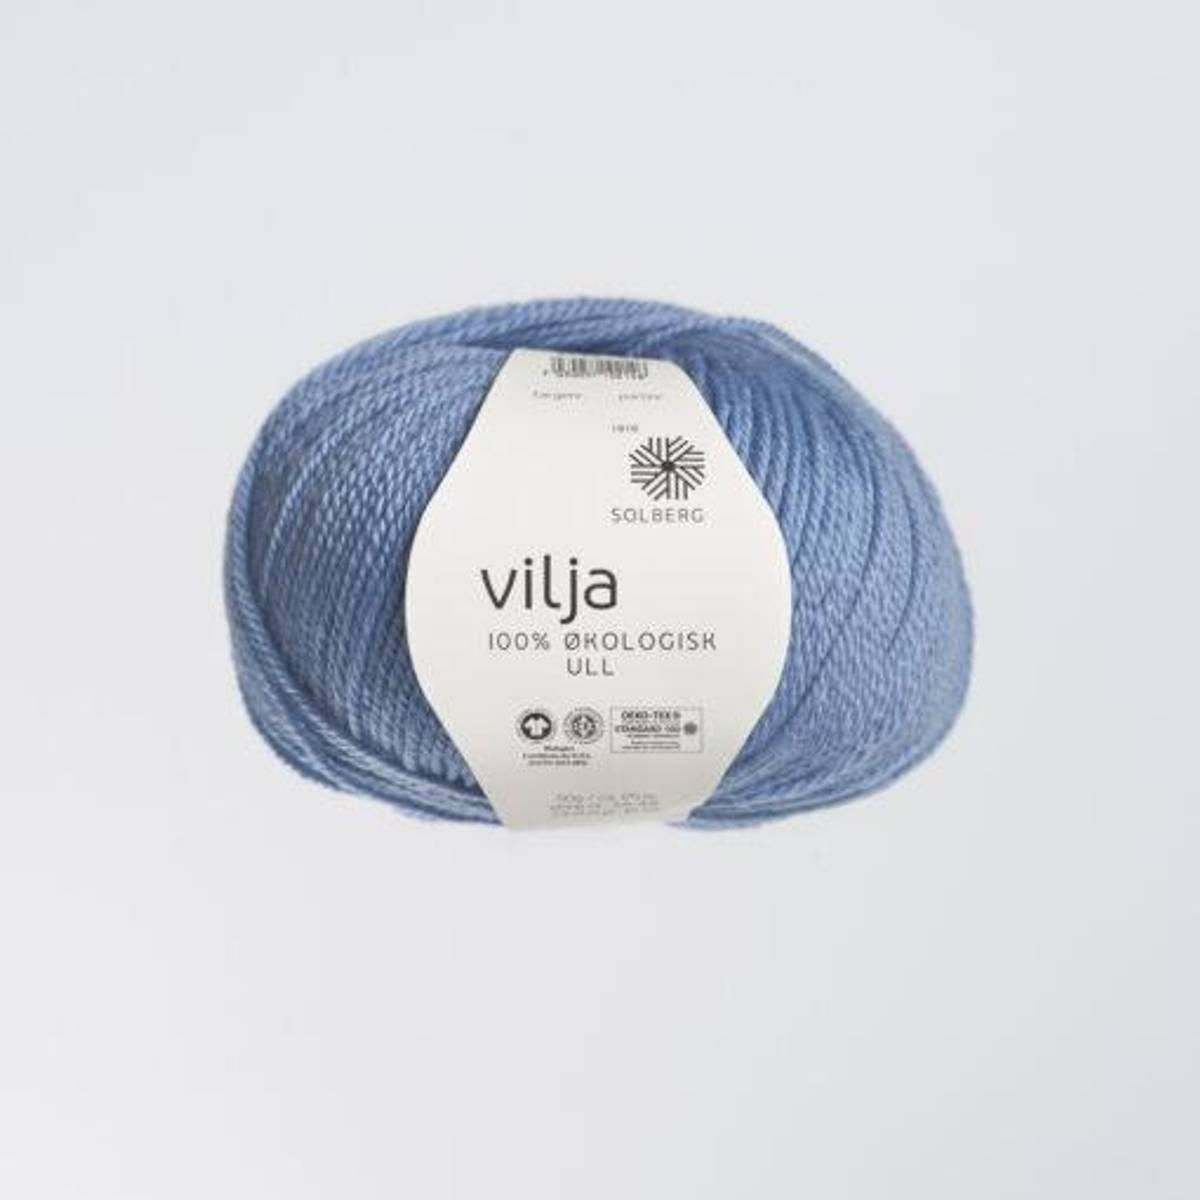 Vilja Himmelblå F.6032